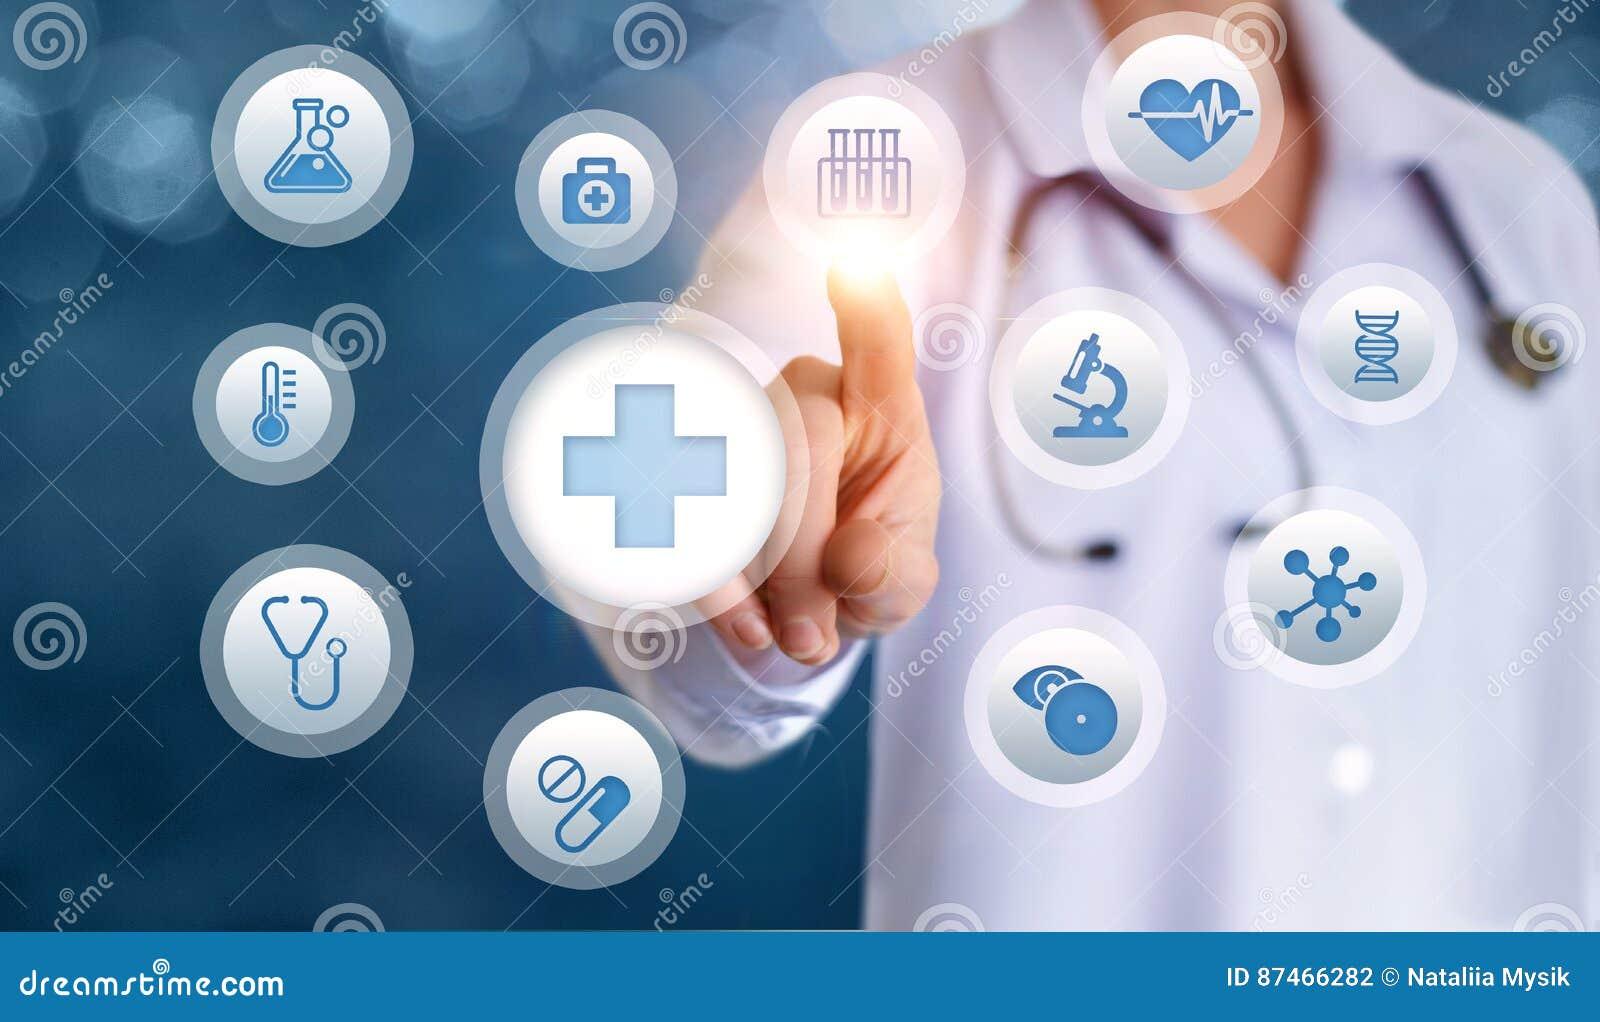 Bevestigingstests van de patiënt